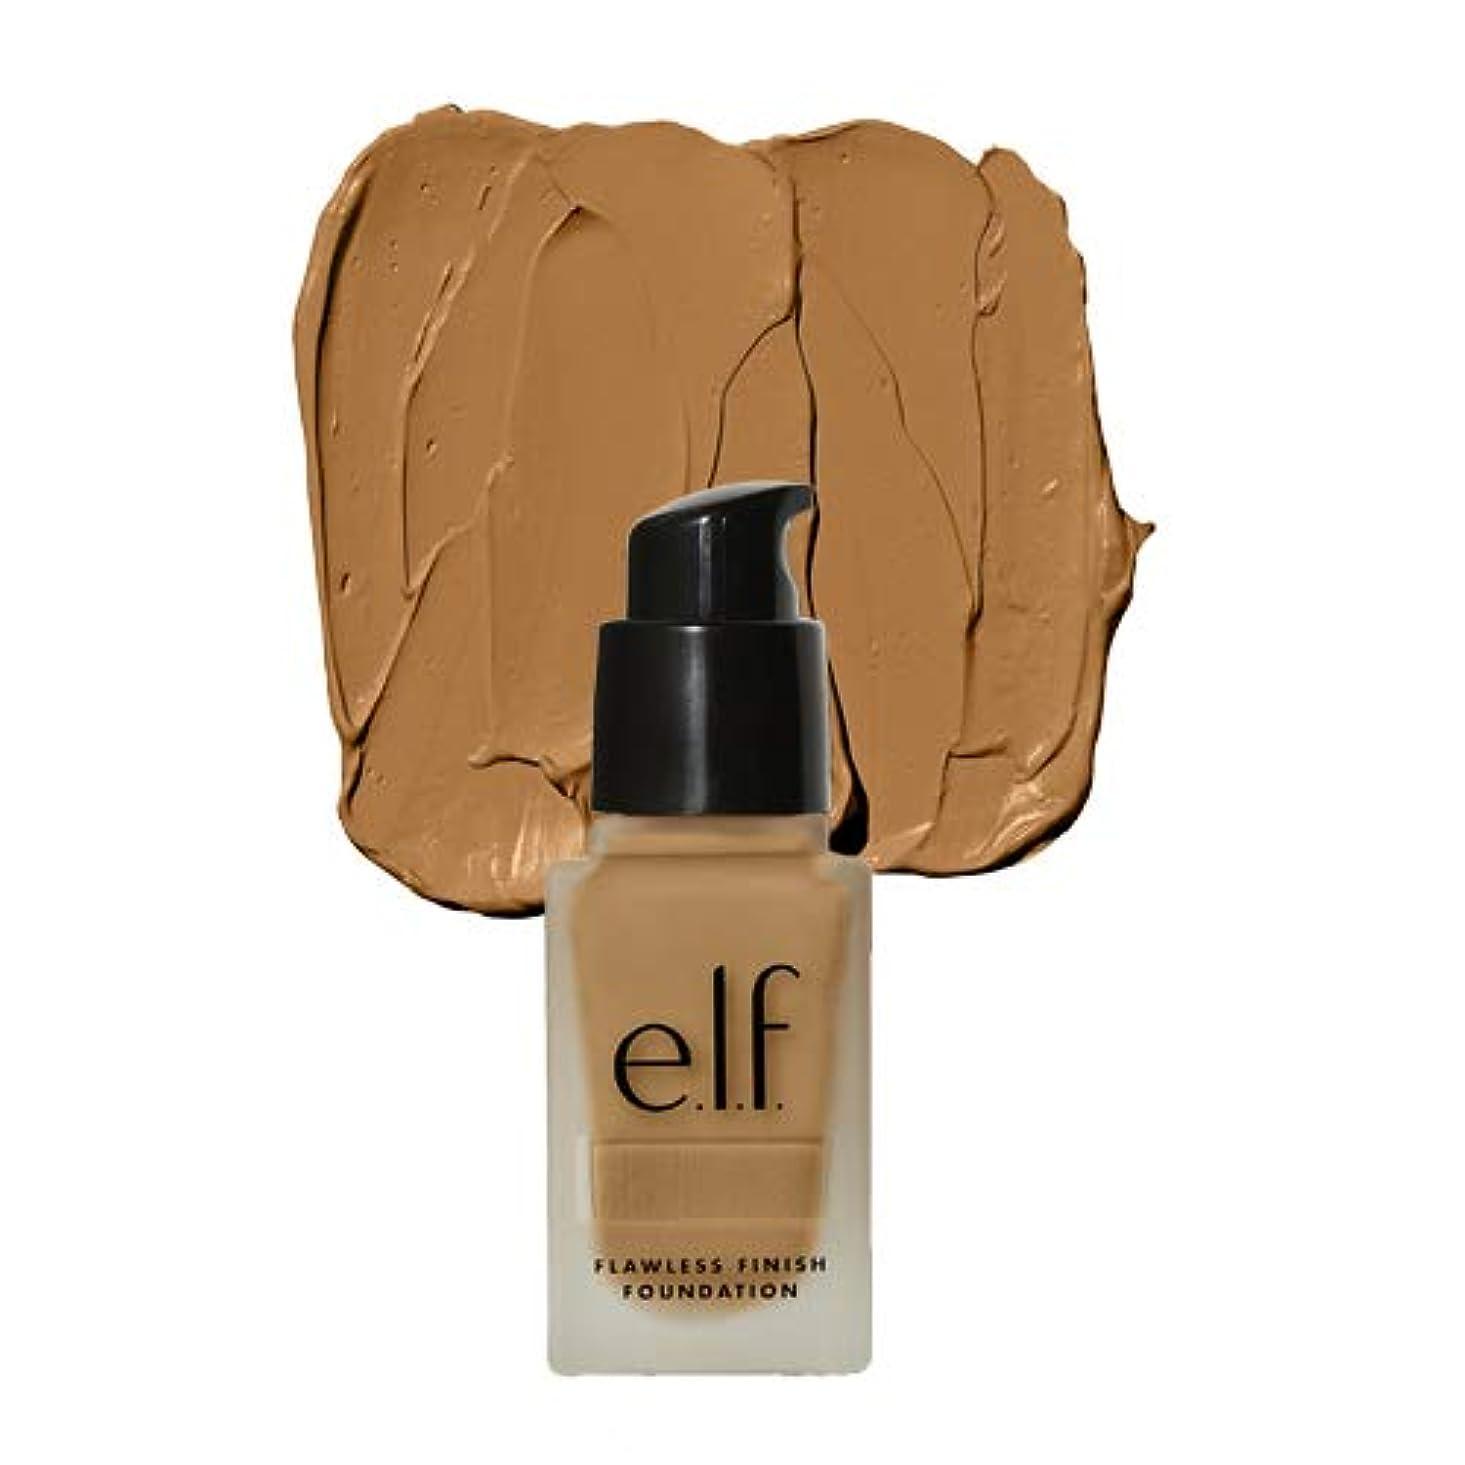 苦しむアソシエイトカポック(6 Pack) e.l.f. Oil Free Flawless Finish Foundation - Linen (並行輸入品)